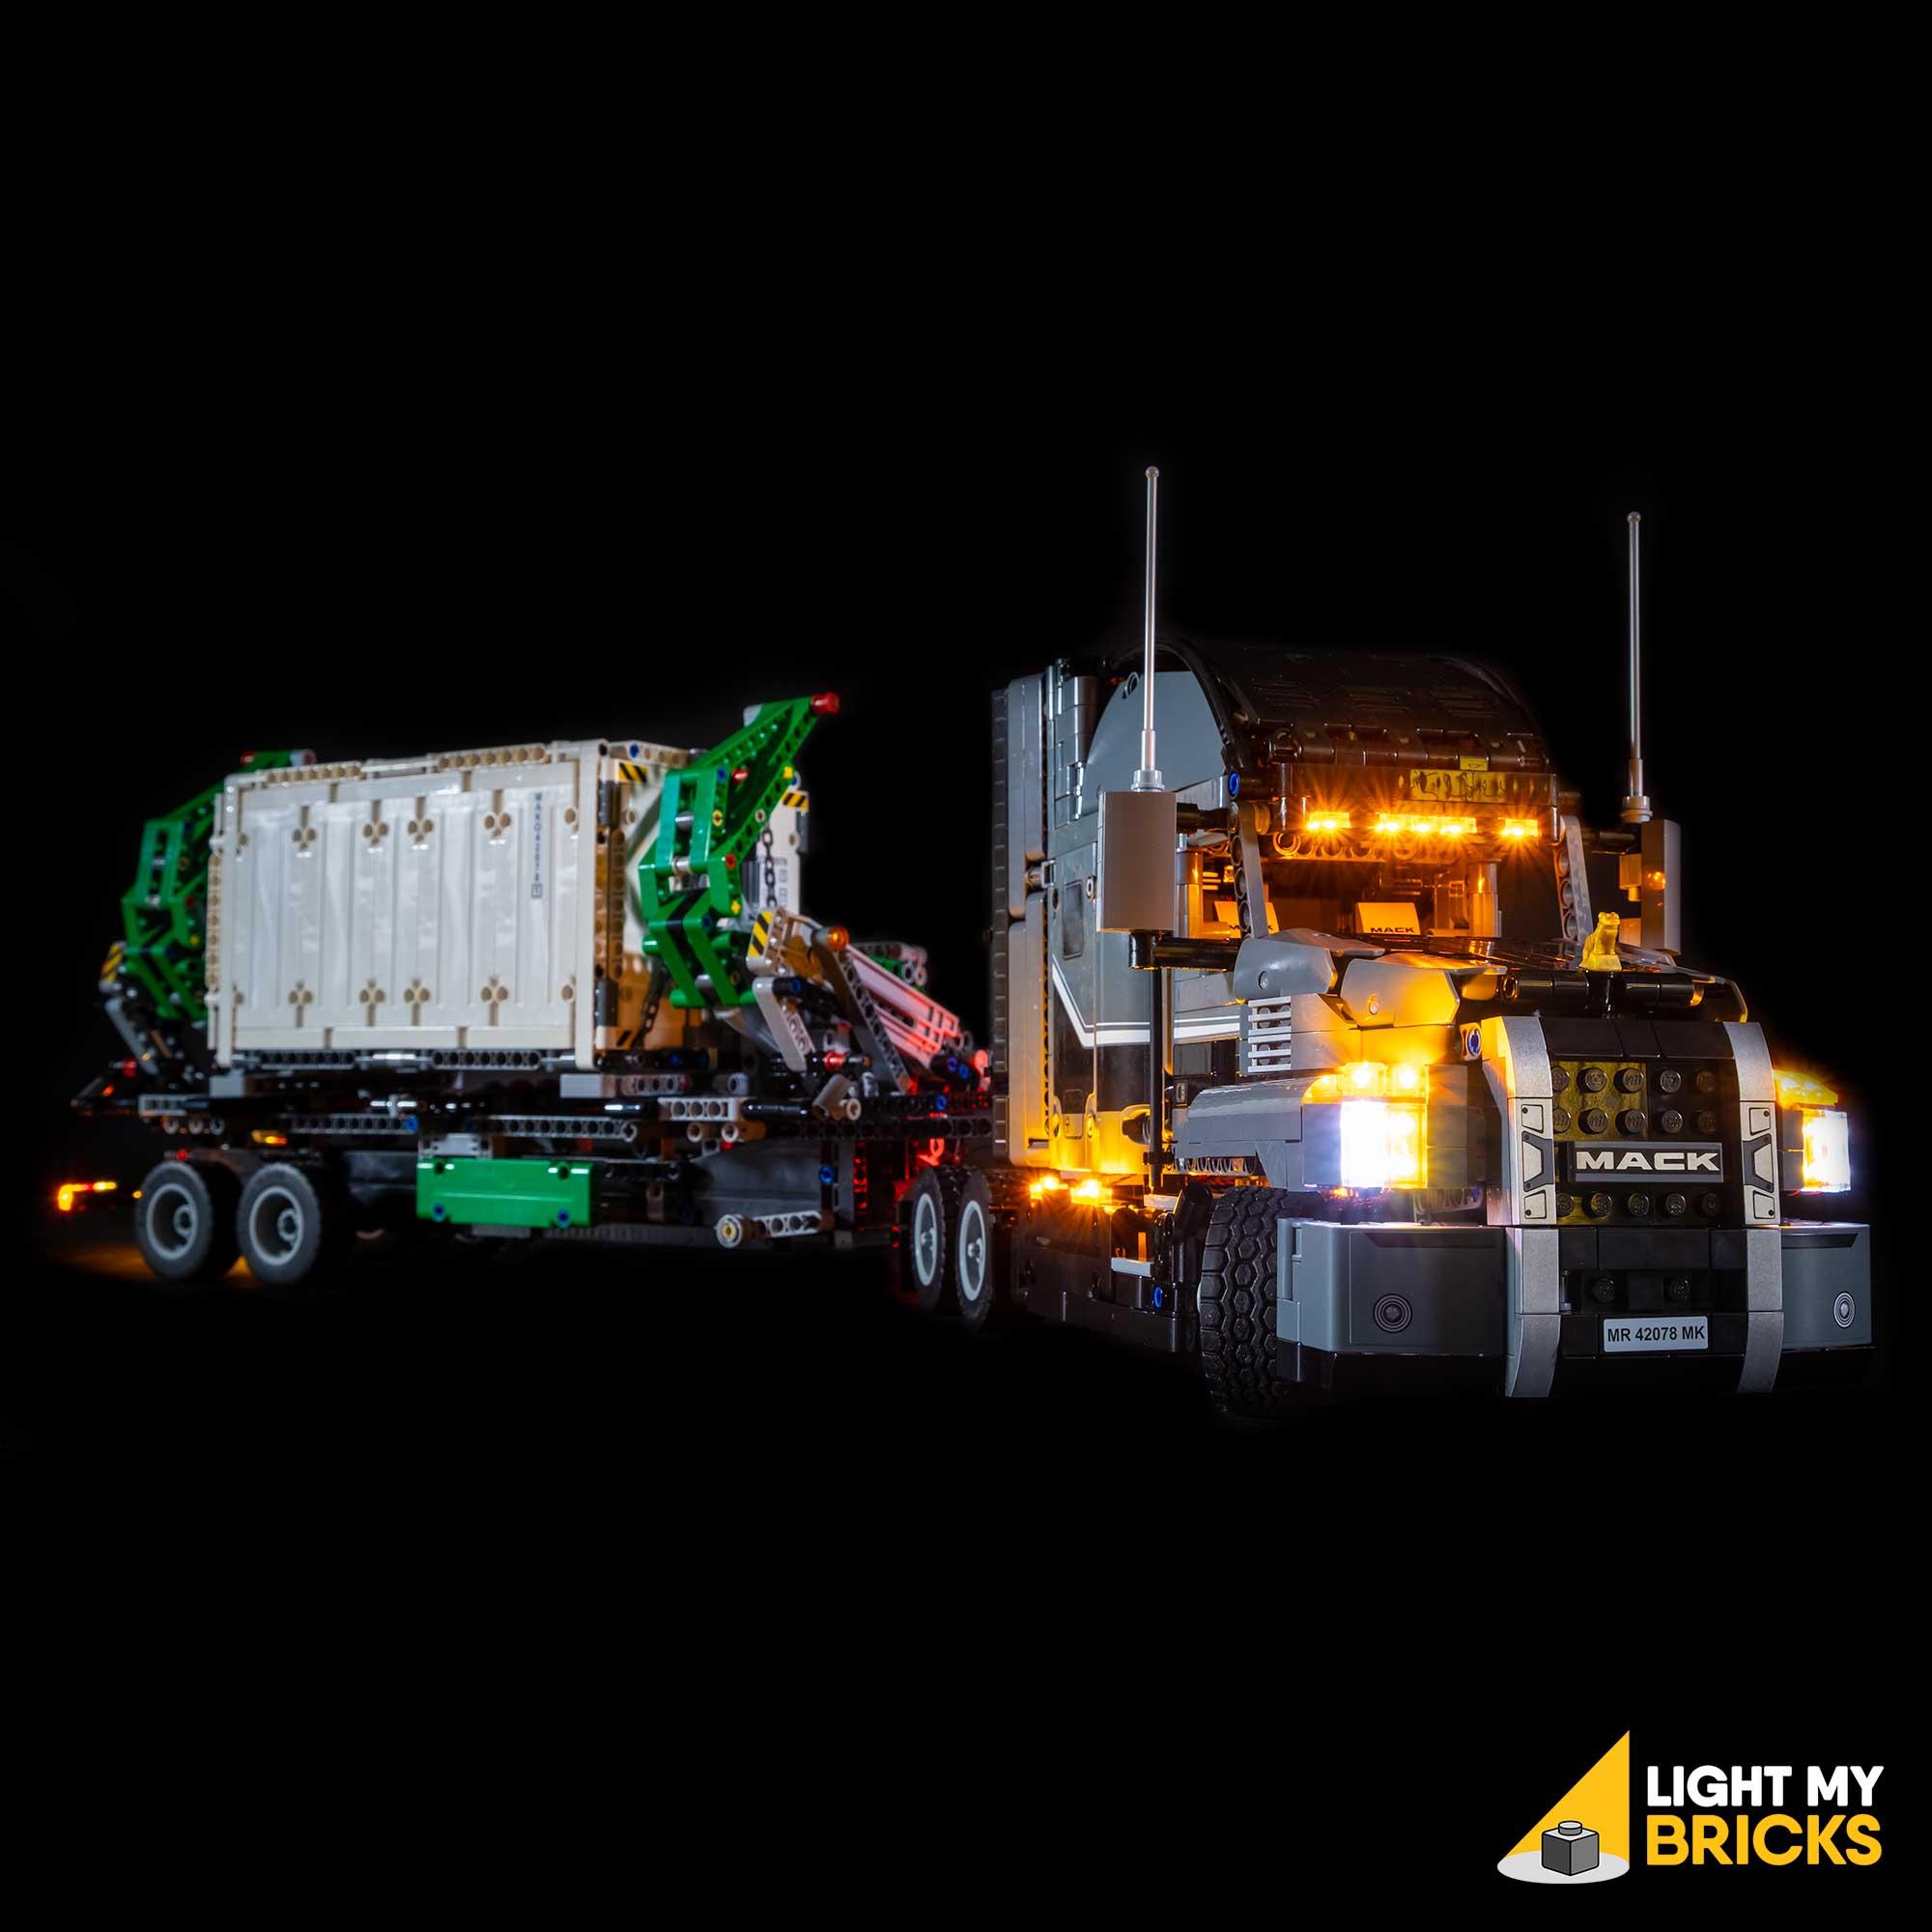 Mack Mr Wiring Diagram | Wiring Liry Mack Leu Truck Wiring Schematic on